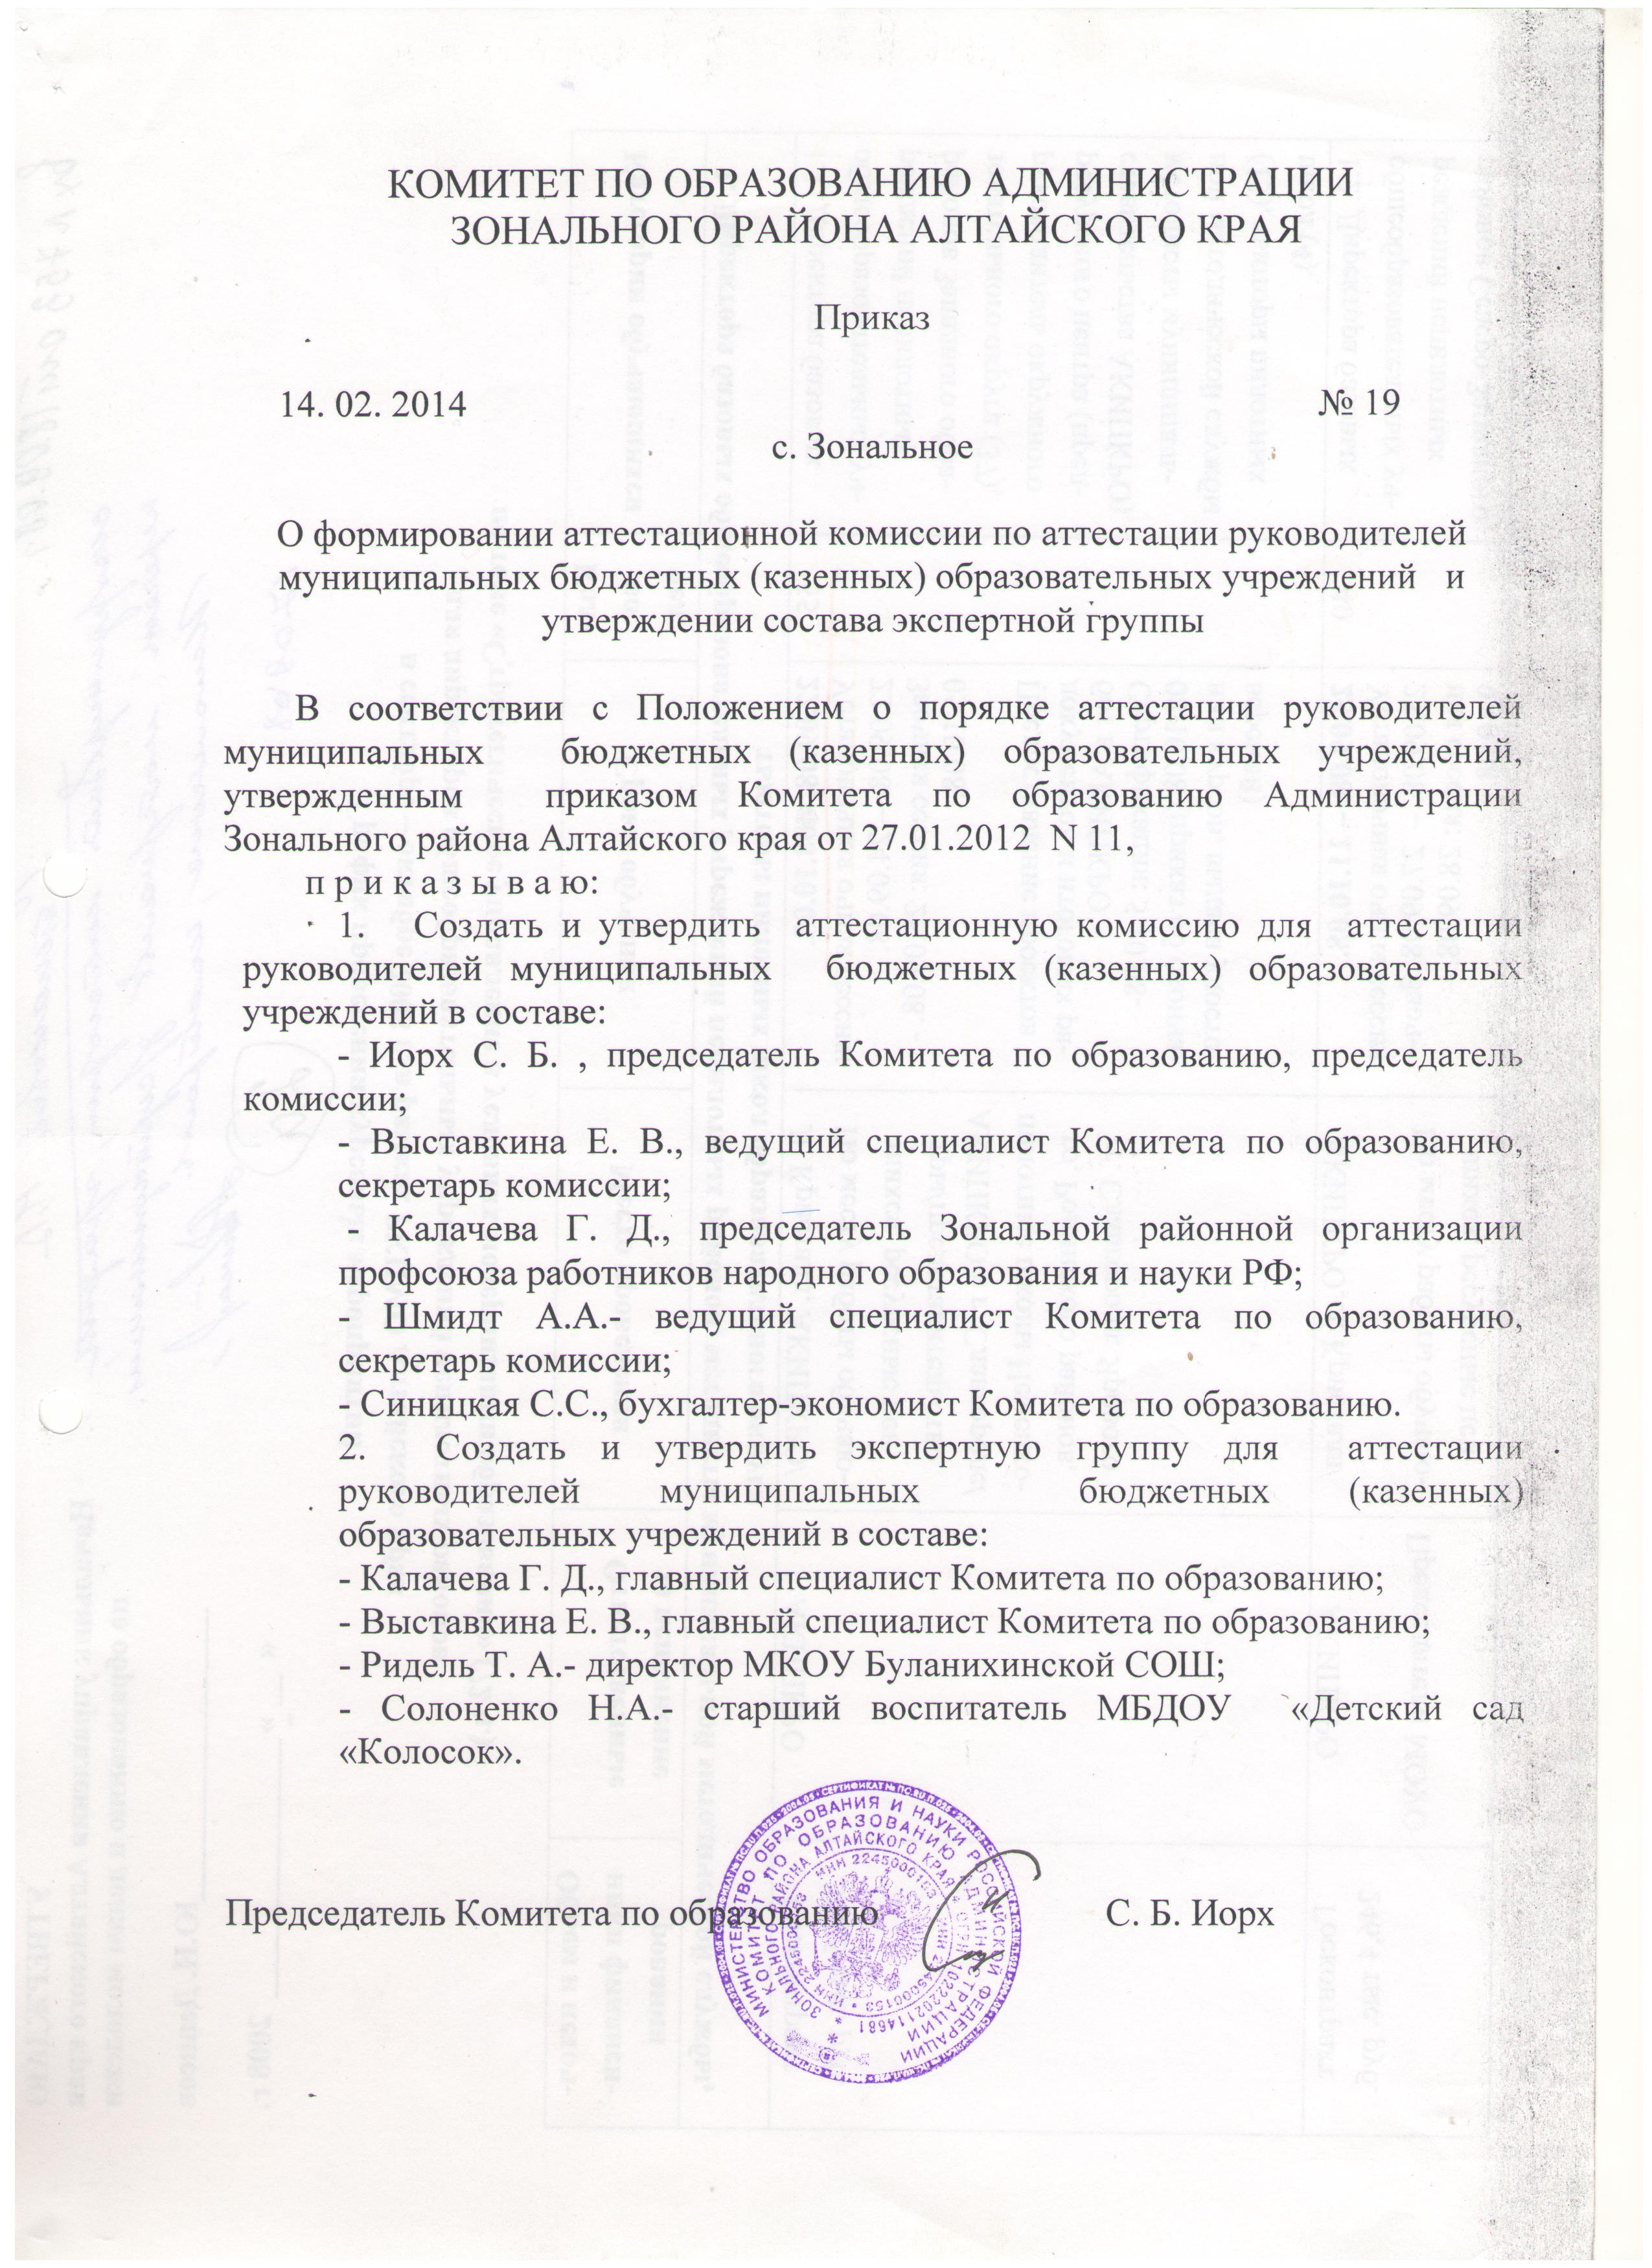 Правительство россии утвердило положение об аттестации экспертов в области промышленной безопасности